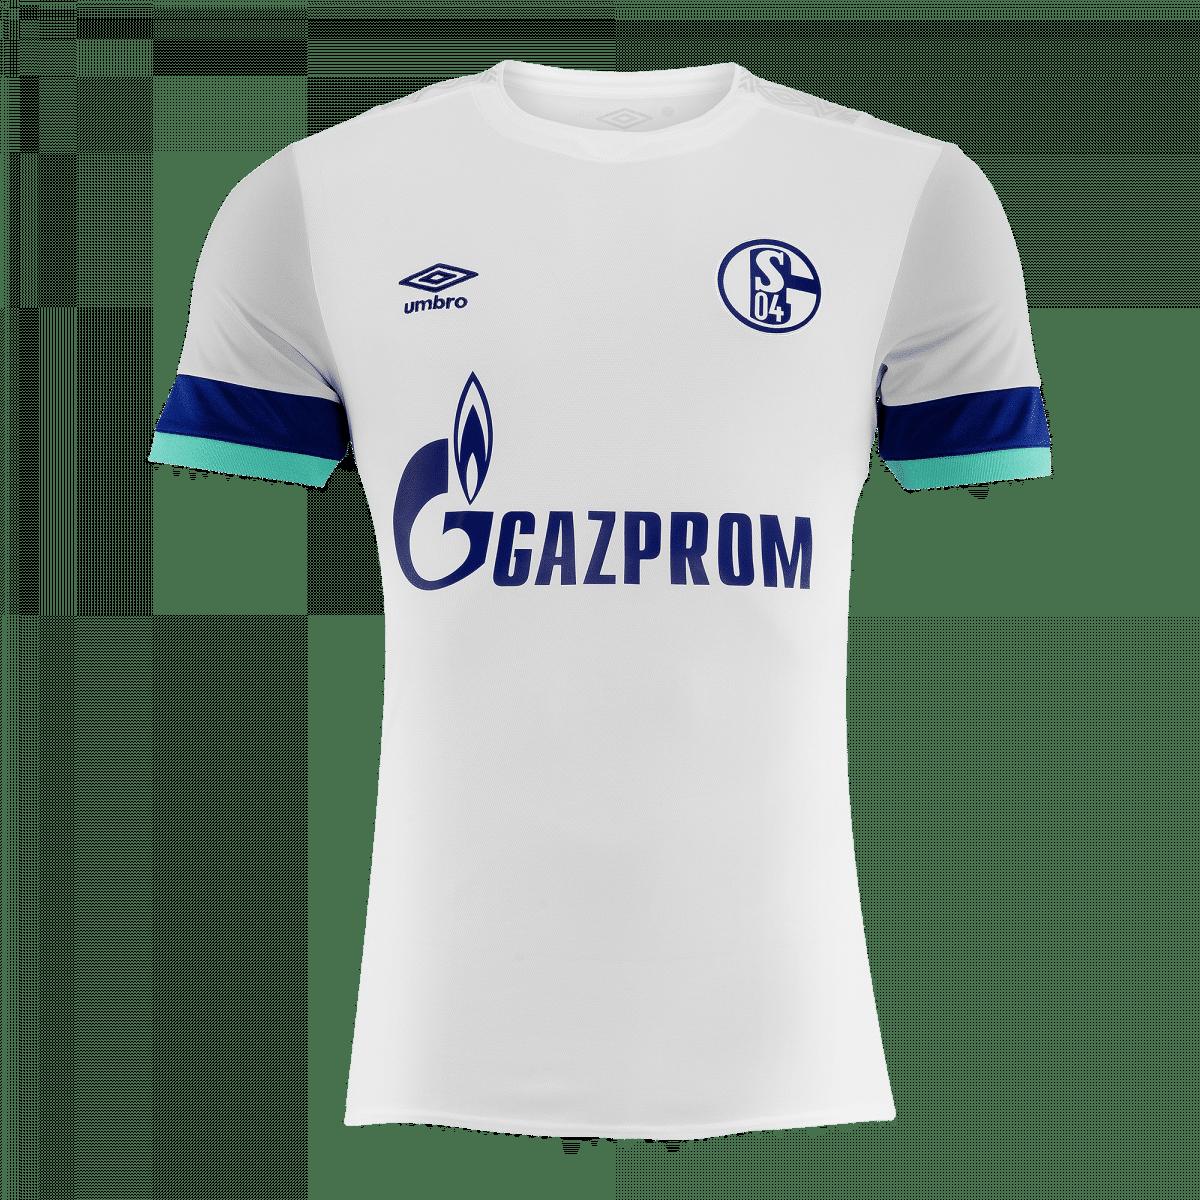 Umbro Schalke 04 Away Kit 2019 20 Revealed The Kitman